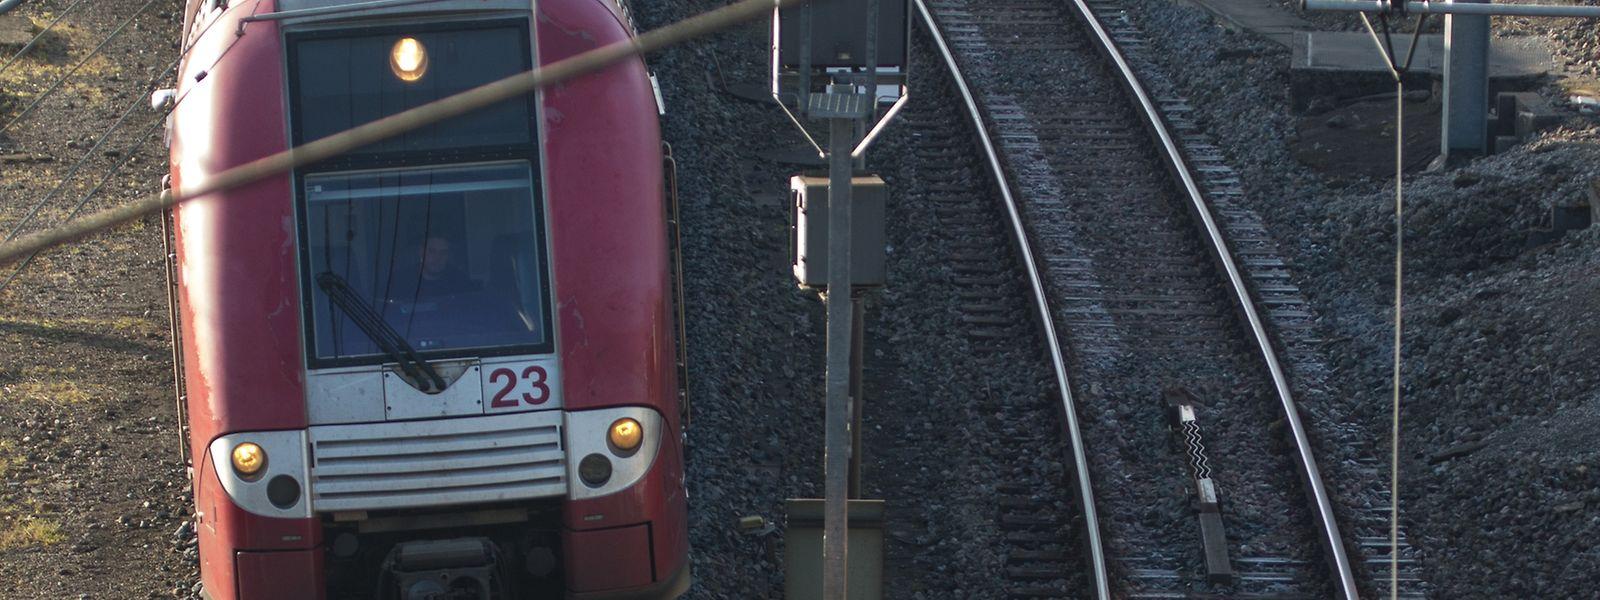 23 Züge werden auch am Mittwoch die Strecke zwischen Luxemburg und Thionville bedienen.